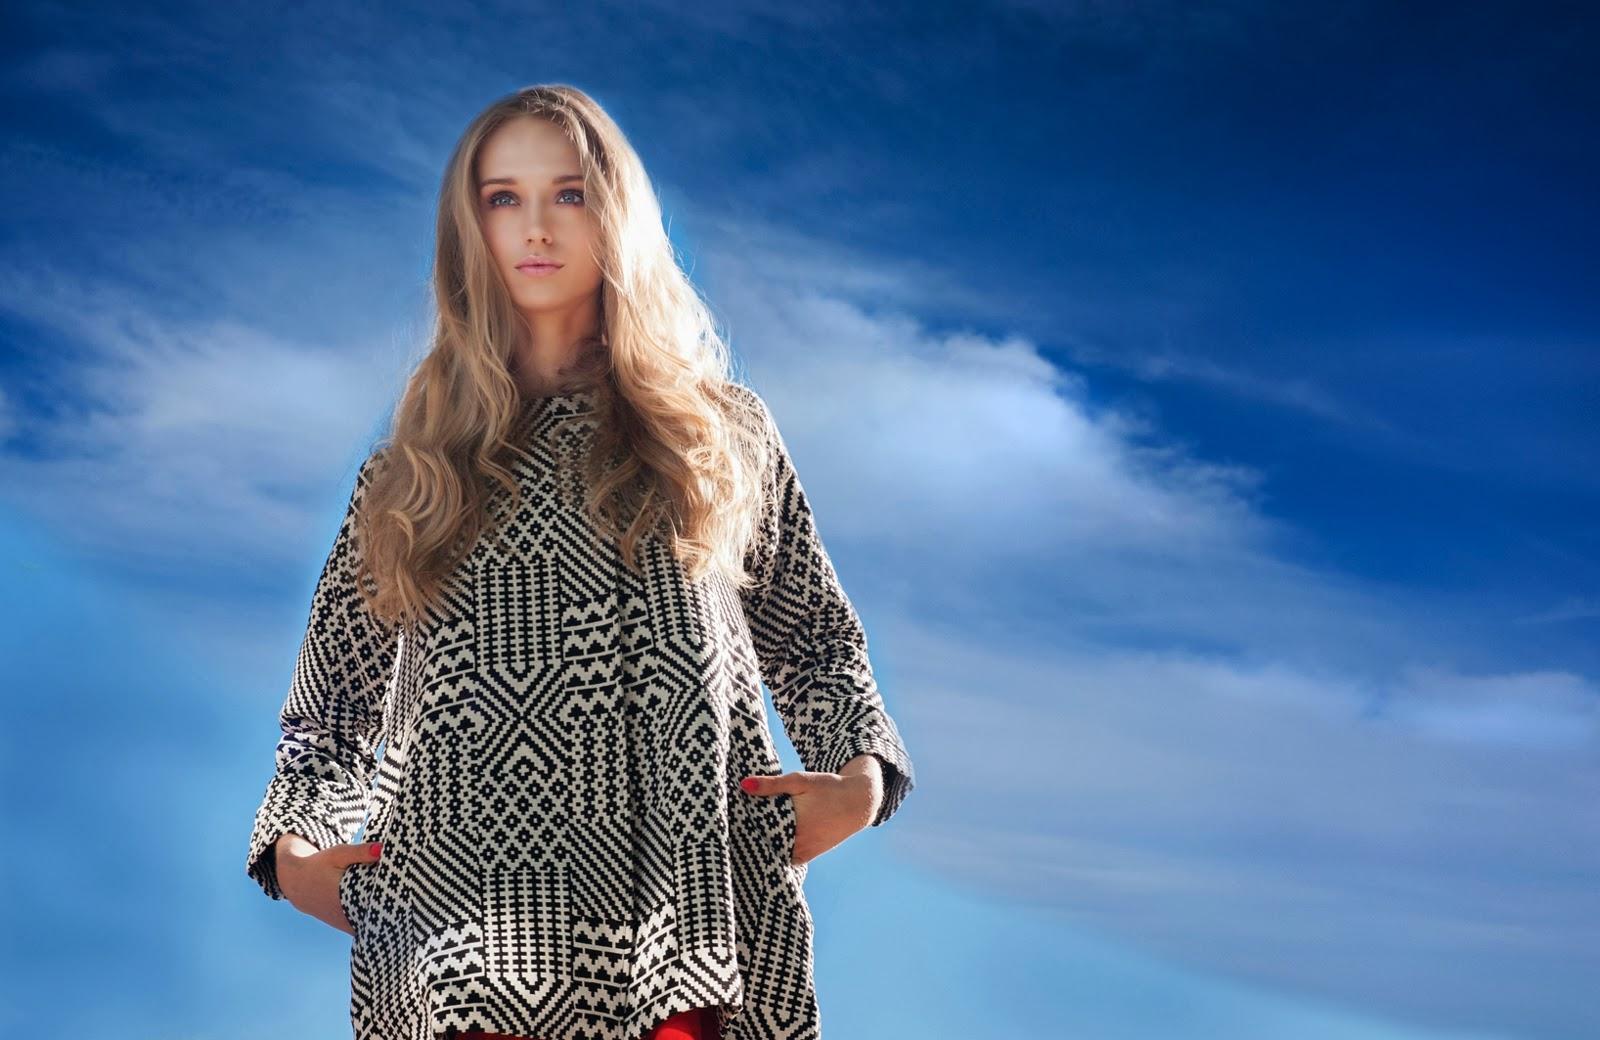 Compania-Fantastica, Compania-Fantastica-spring-summer, spring-summer, printemps-ete, du-dessin-aux-podiums, vetements-femme, mode, mode-femme, blog-mode, blog-mode-femme, femme-mode, robe-femme, site-de-vetements, robe-tendance, fashion-vetement, habits-pas-cher, mode-a-petit-prix, accessoire-mode, mode-actuelle